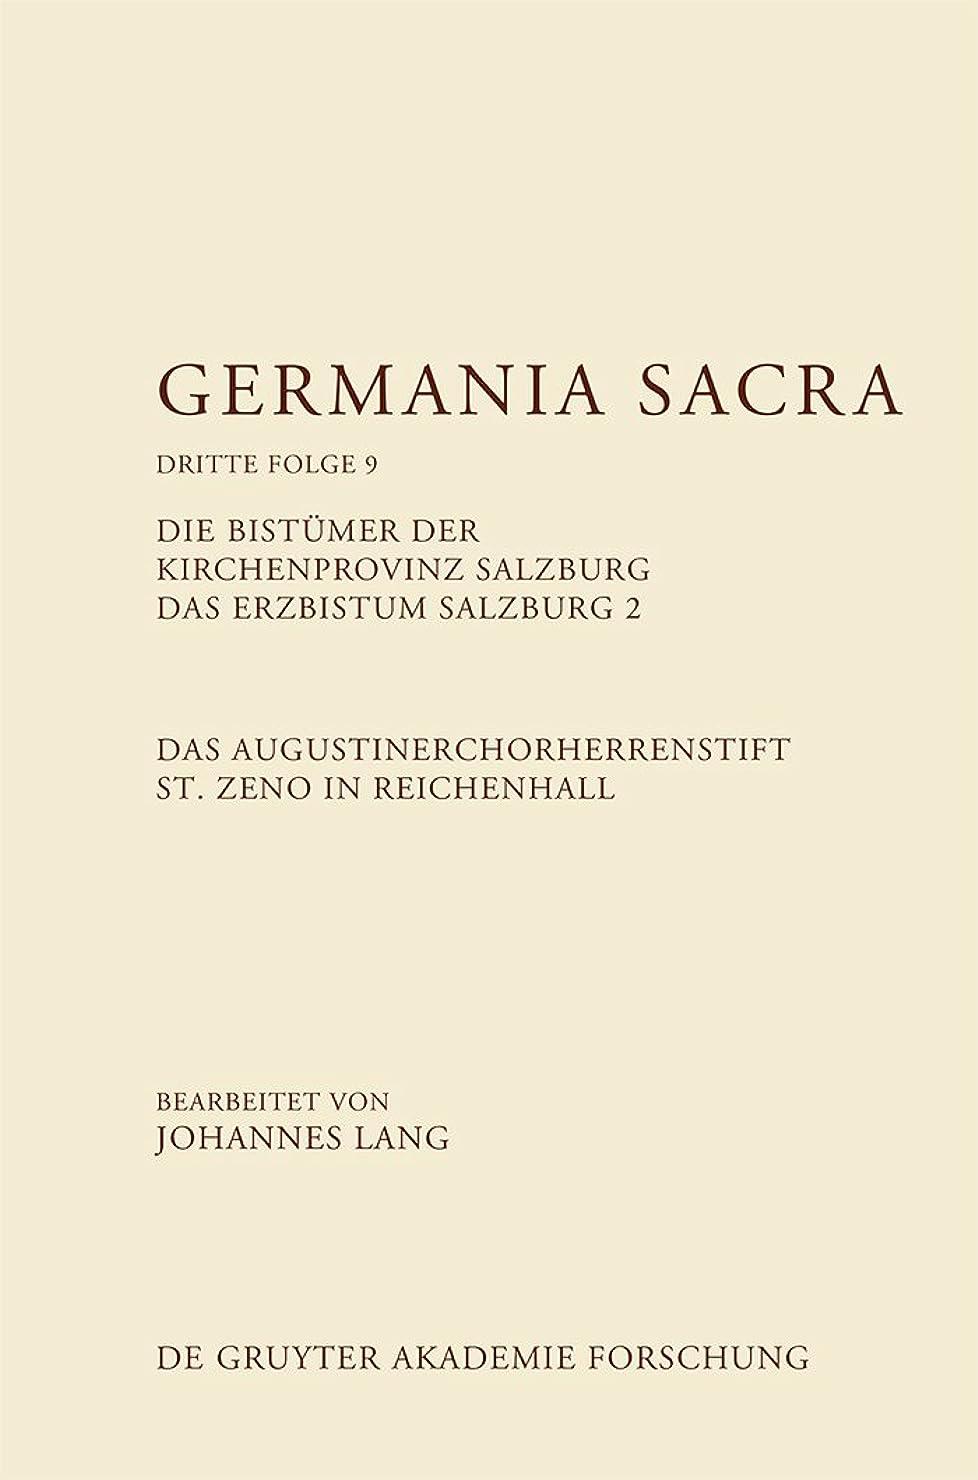 トレーニング原油ありふれたDas Augustinerchorherrenstift St. Zeno in Reichenhall. Die Bistümer der Kirchenprovinz Salzburg. Das Bistum Salzburg 2 (German Edition)